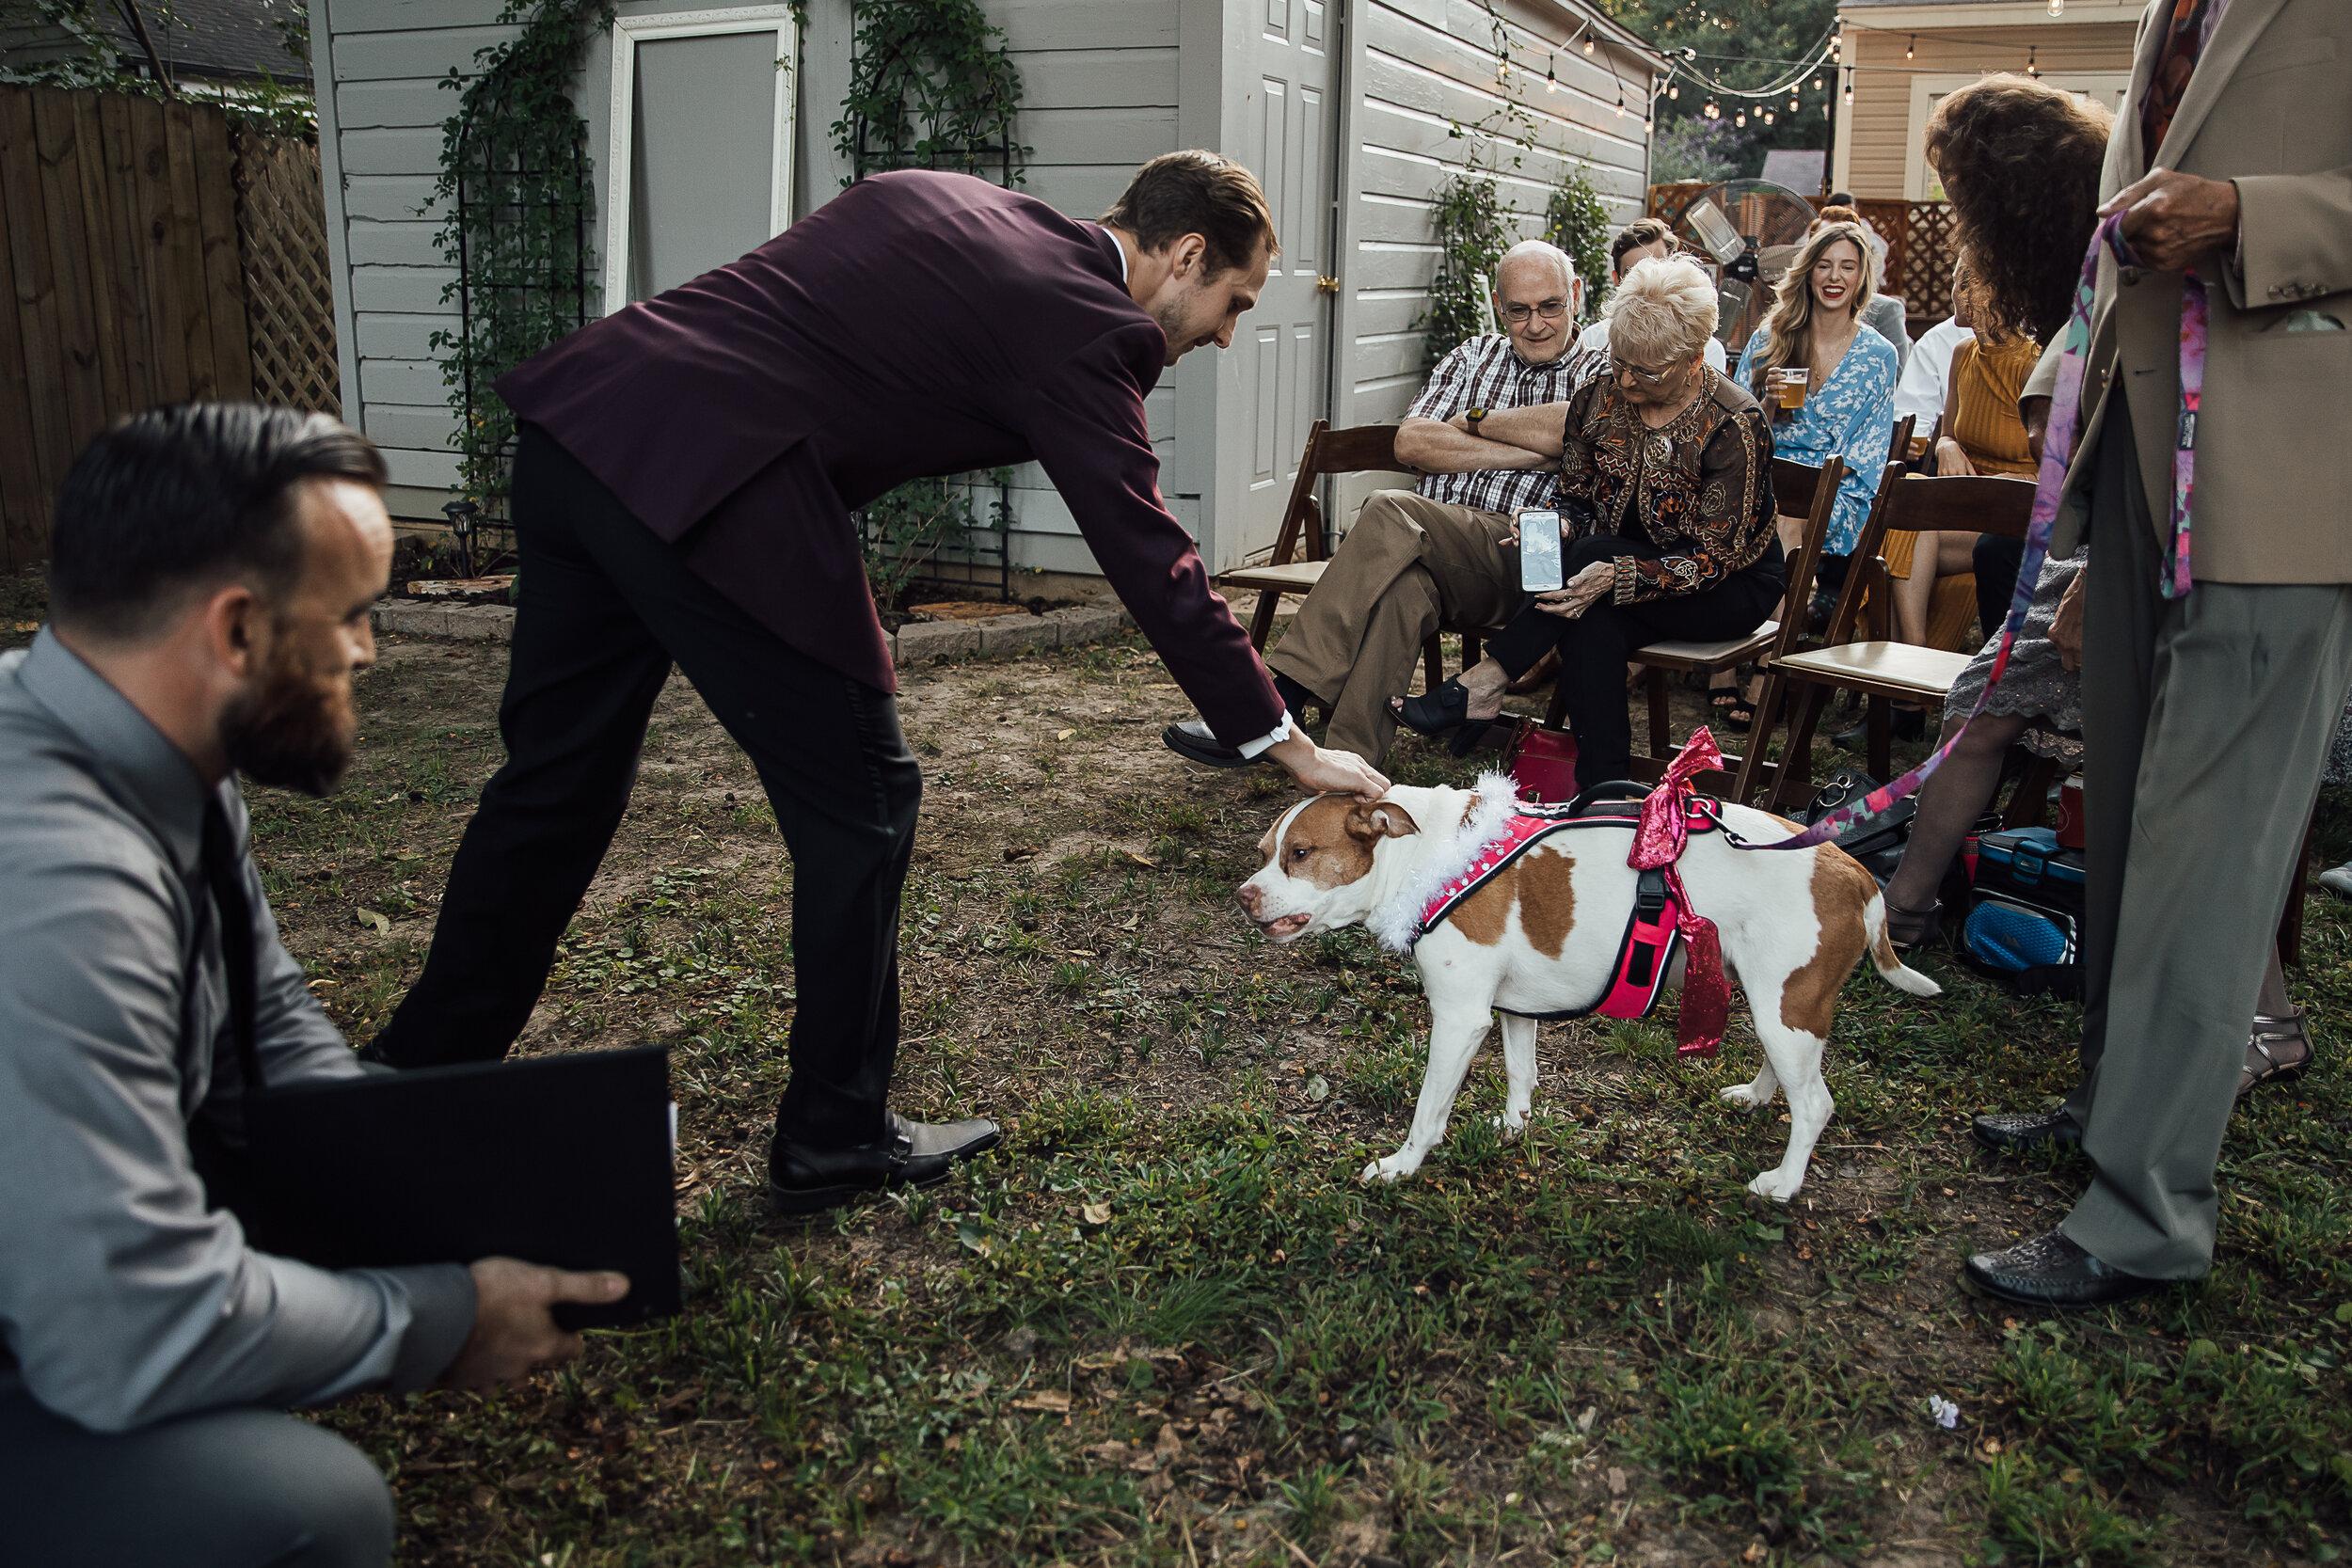 Allison-and-Wesley-Memphis-Backyard-Wedding-TheWarmthAroundYou-33.jpg